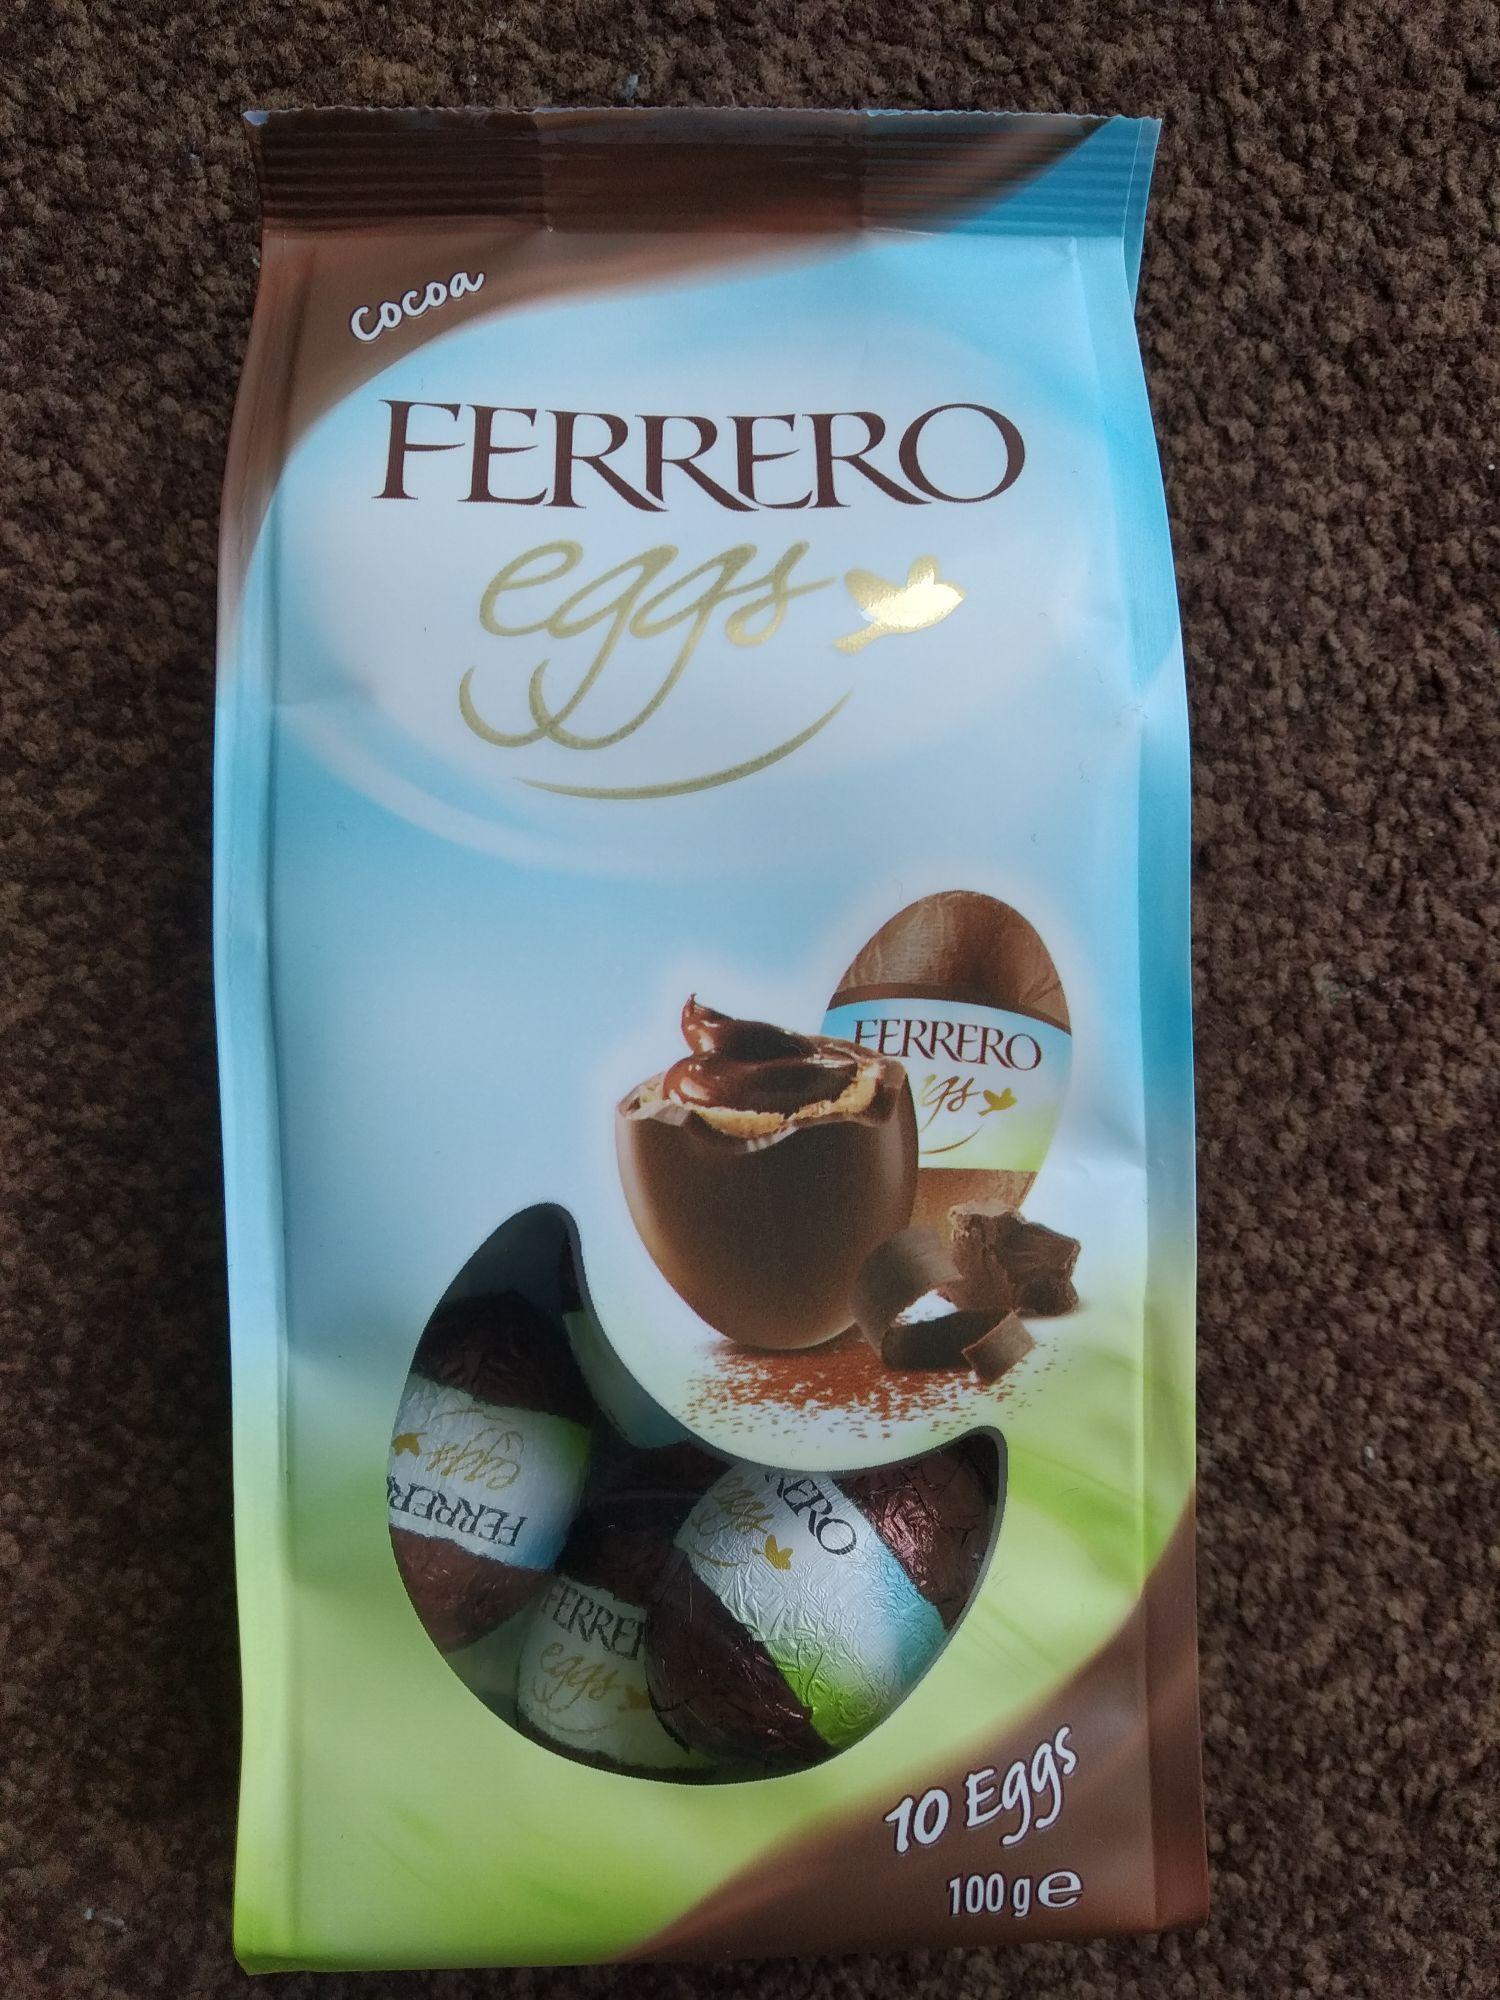 Ferrero eggs cocoa 100g Heron Foods Corby - 69p